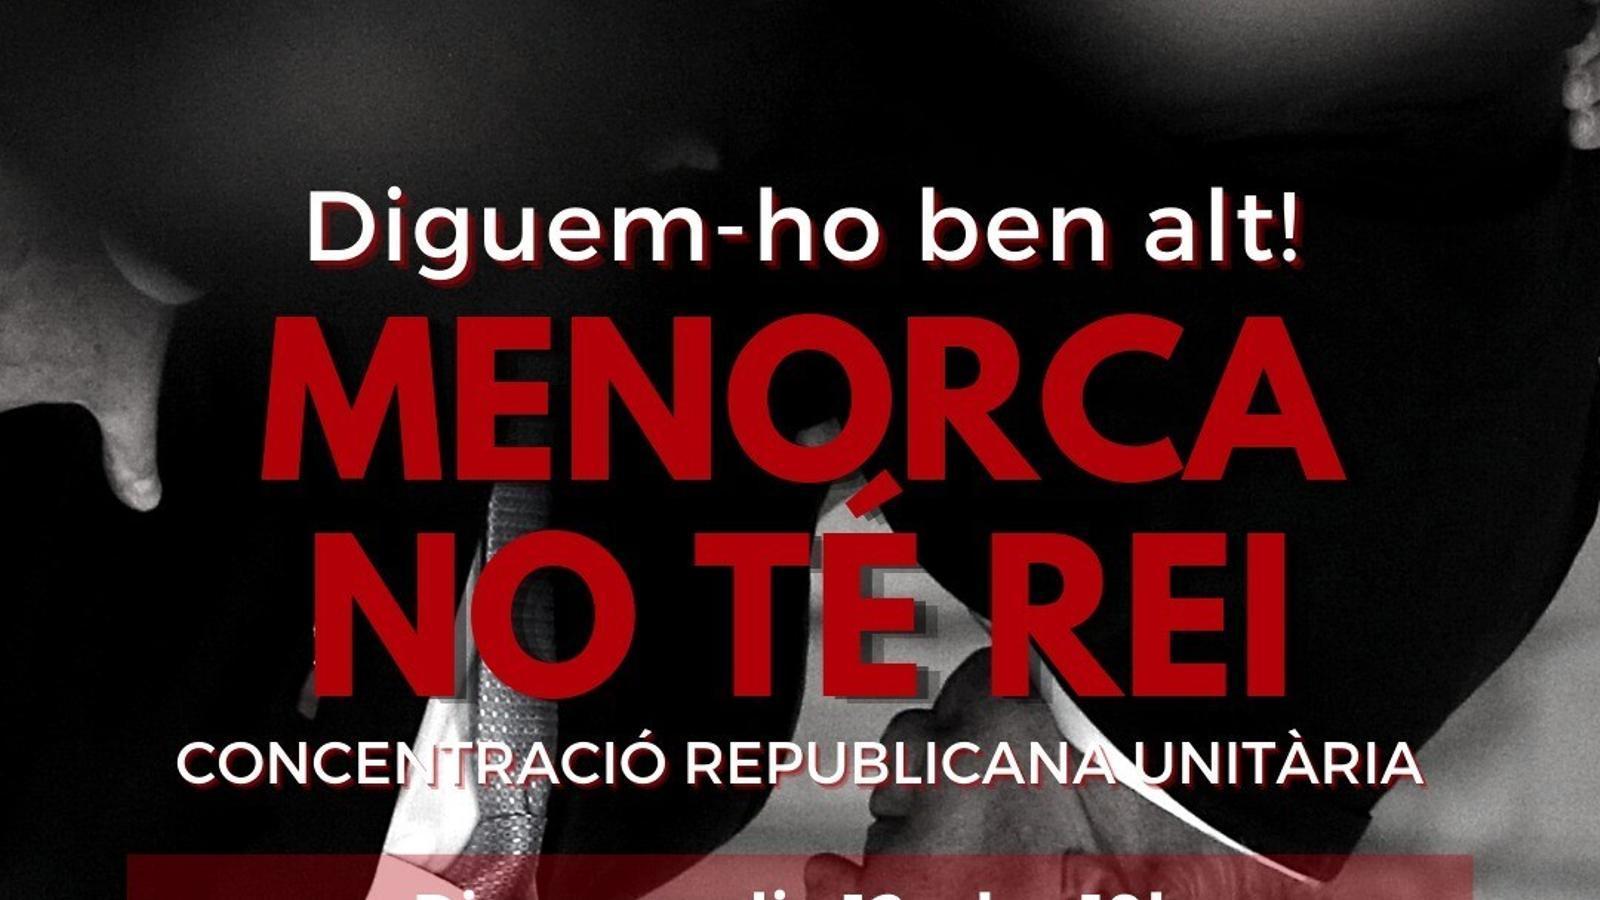 Partidaris i detractors de la Monarquia es concentren a Menorca per la visita de Felip VI